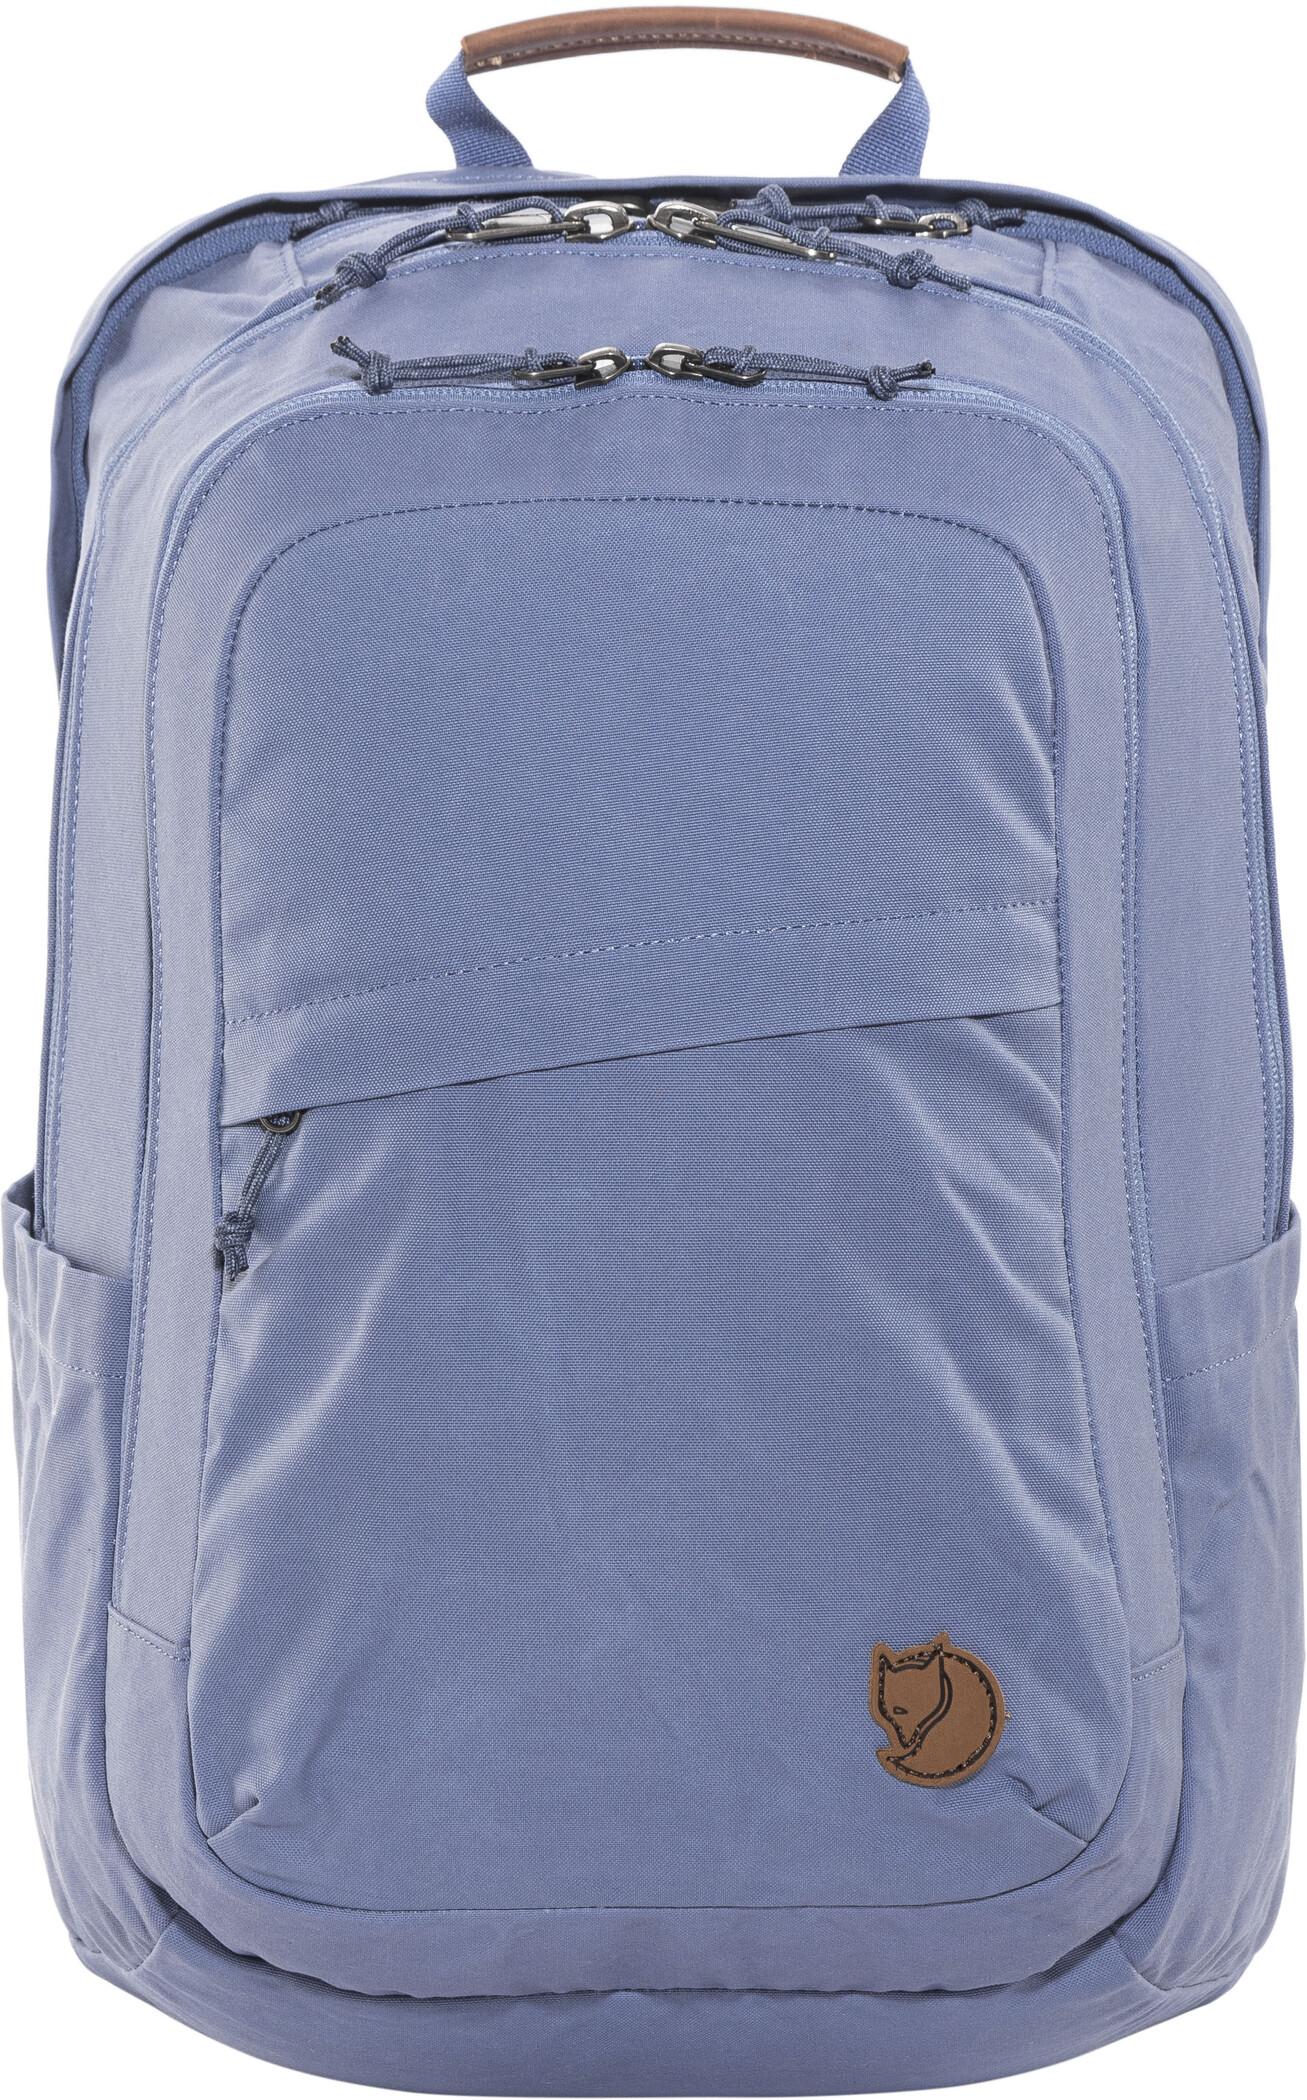 online retailer c1f38 d1e32 Fj llr ven R ven 28 Backpack Blue Ridge.jpg